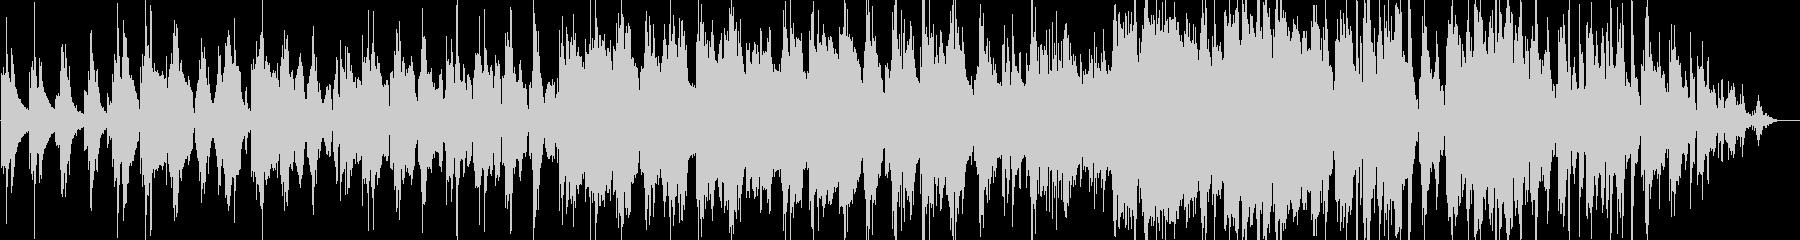 女性ボーカルのポップ/オルタナティ...の未再生の波形